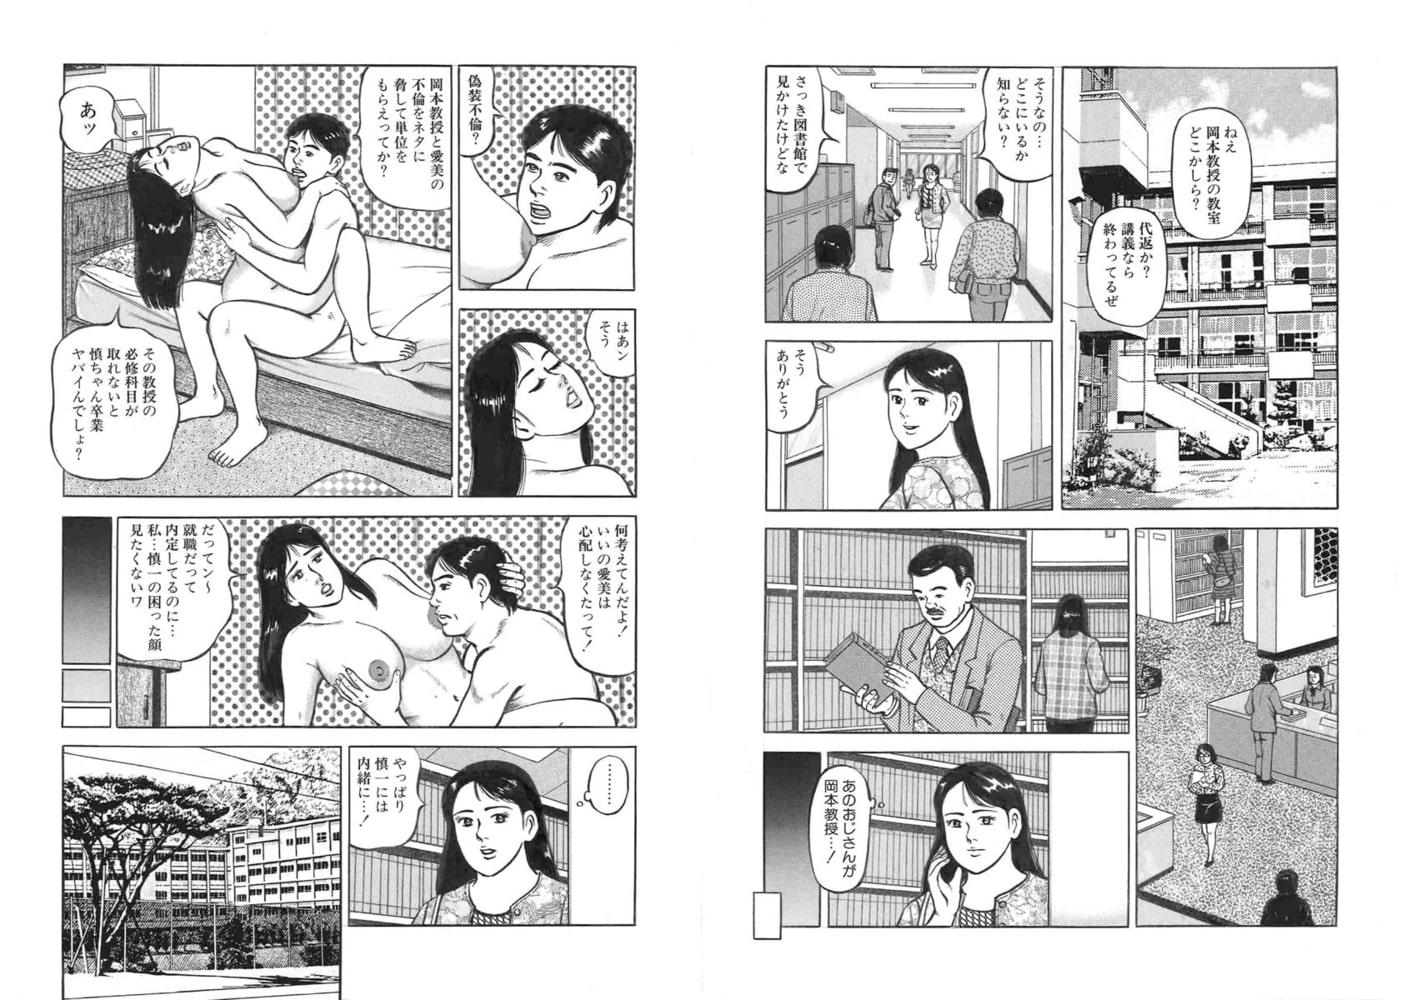 ハメられた女子大生 ~彼氏に内緒のお仕置き不倫~のサンプル画像